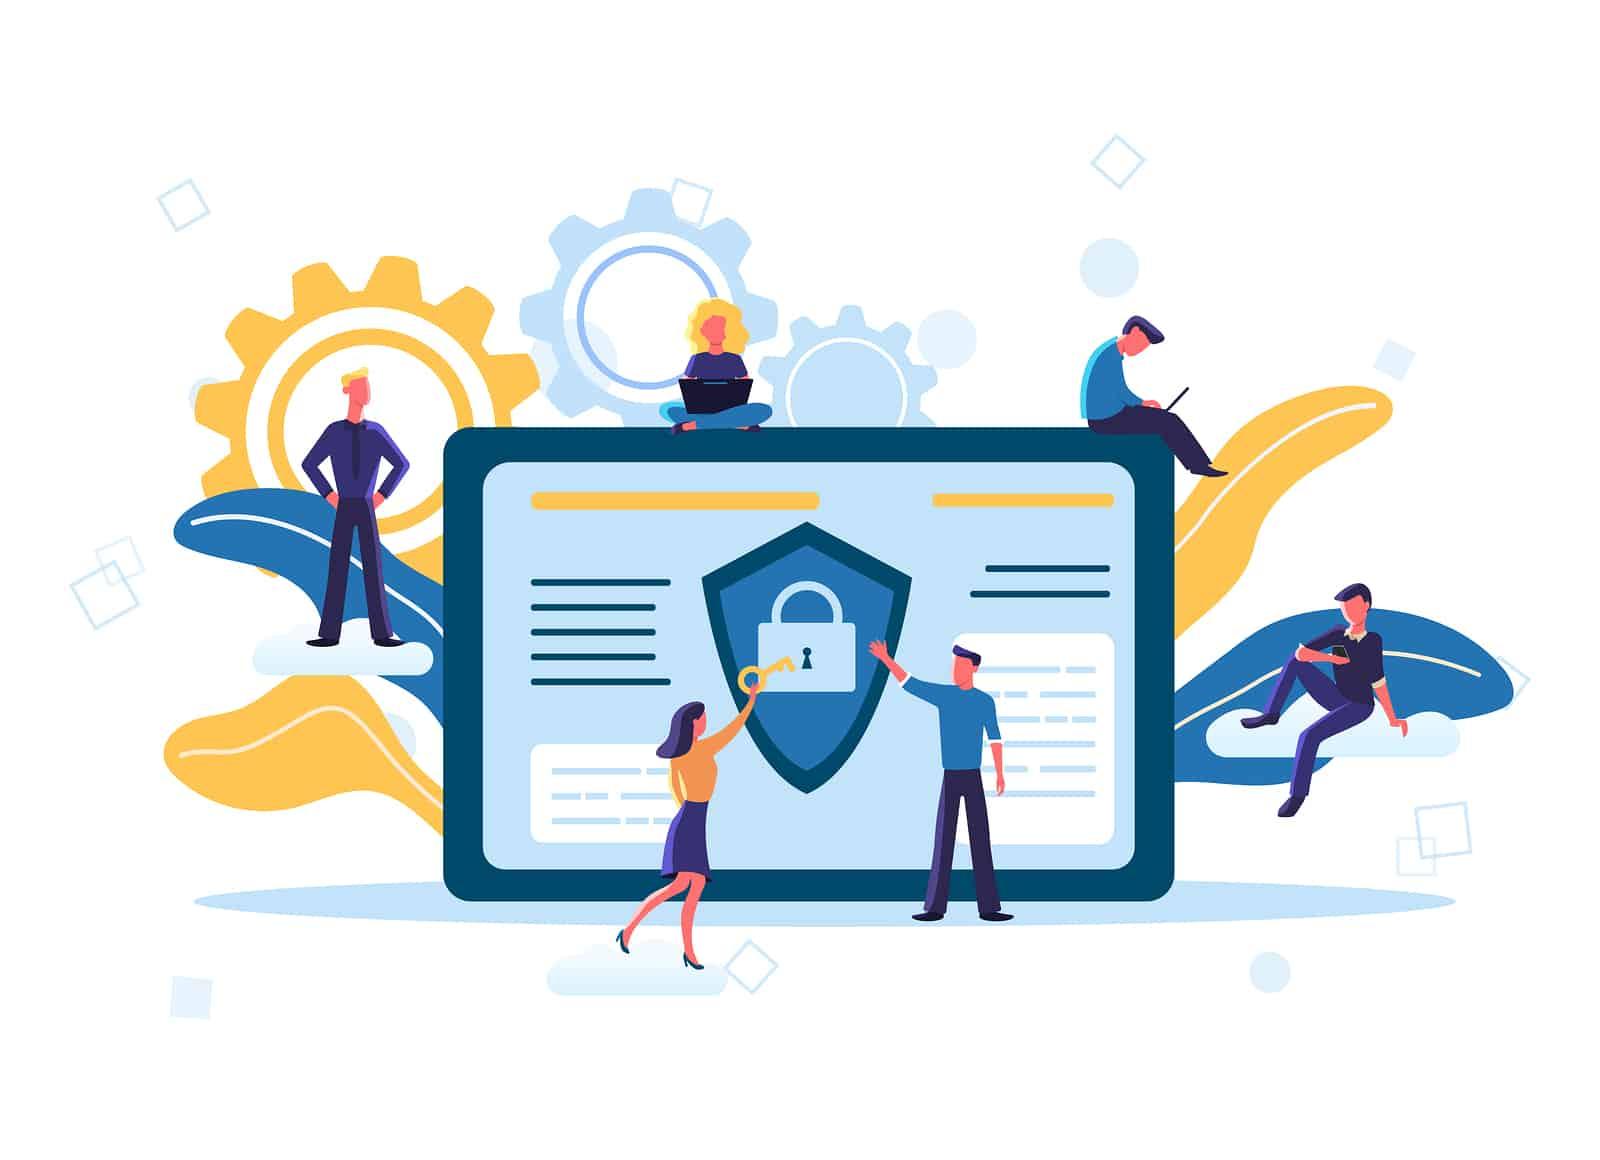 Características de Dropbox - Seguridad